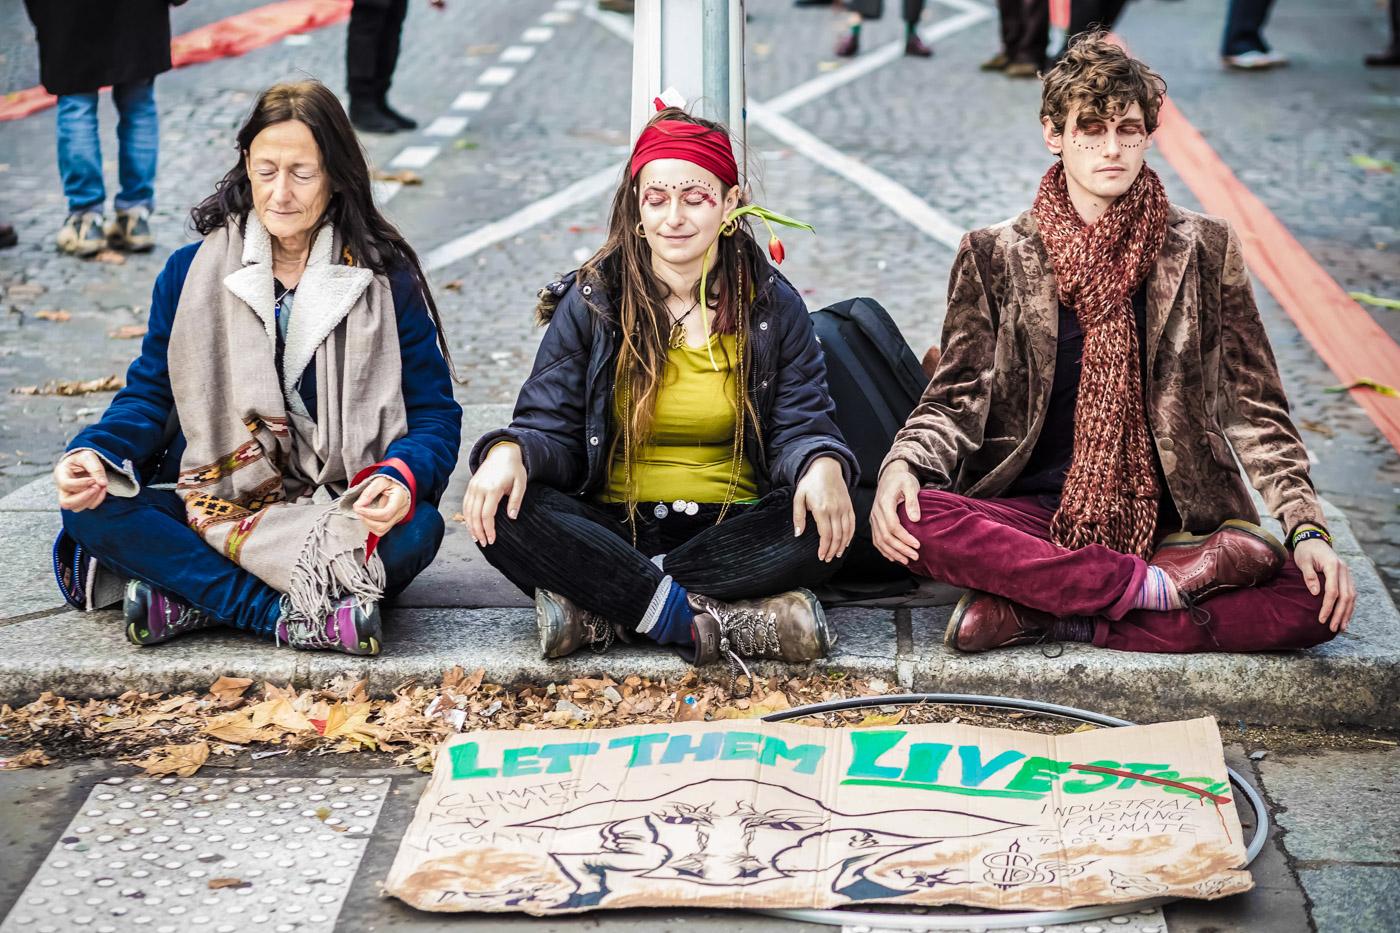 Peaceful protestors at Cop 21 Place de la Republique